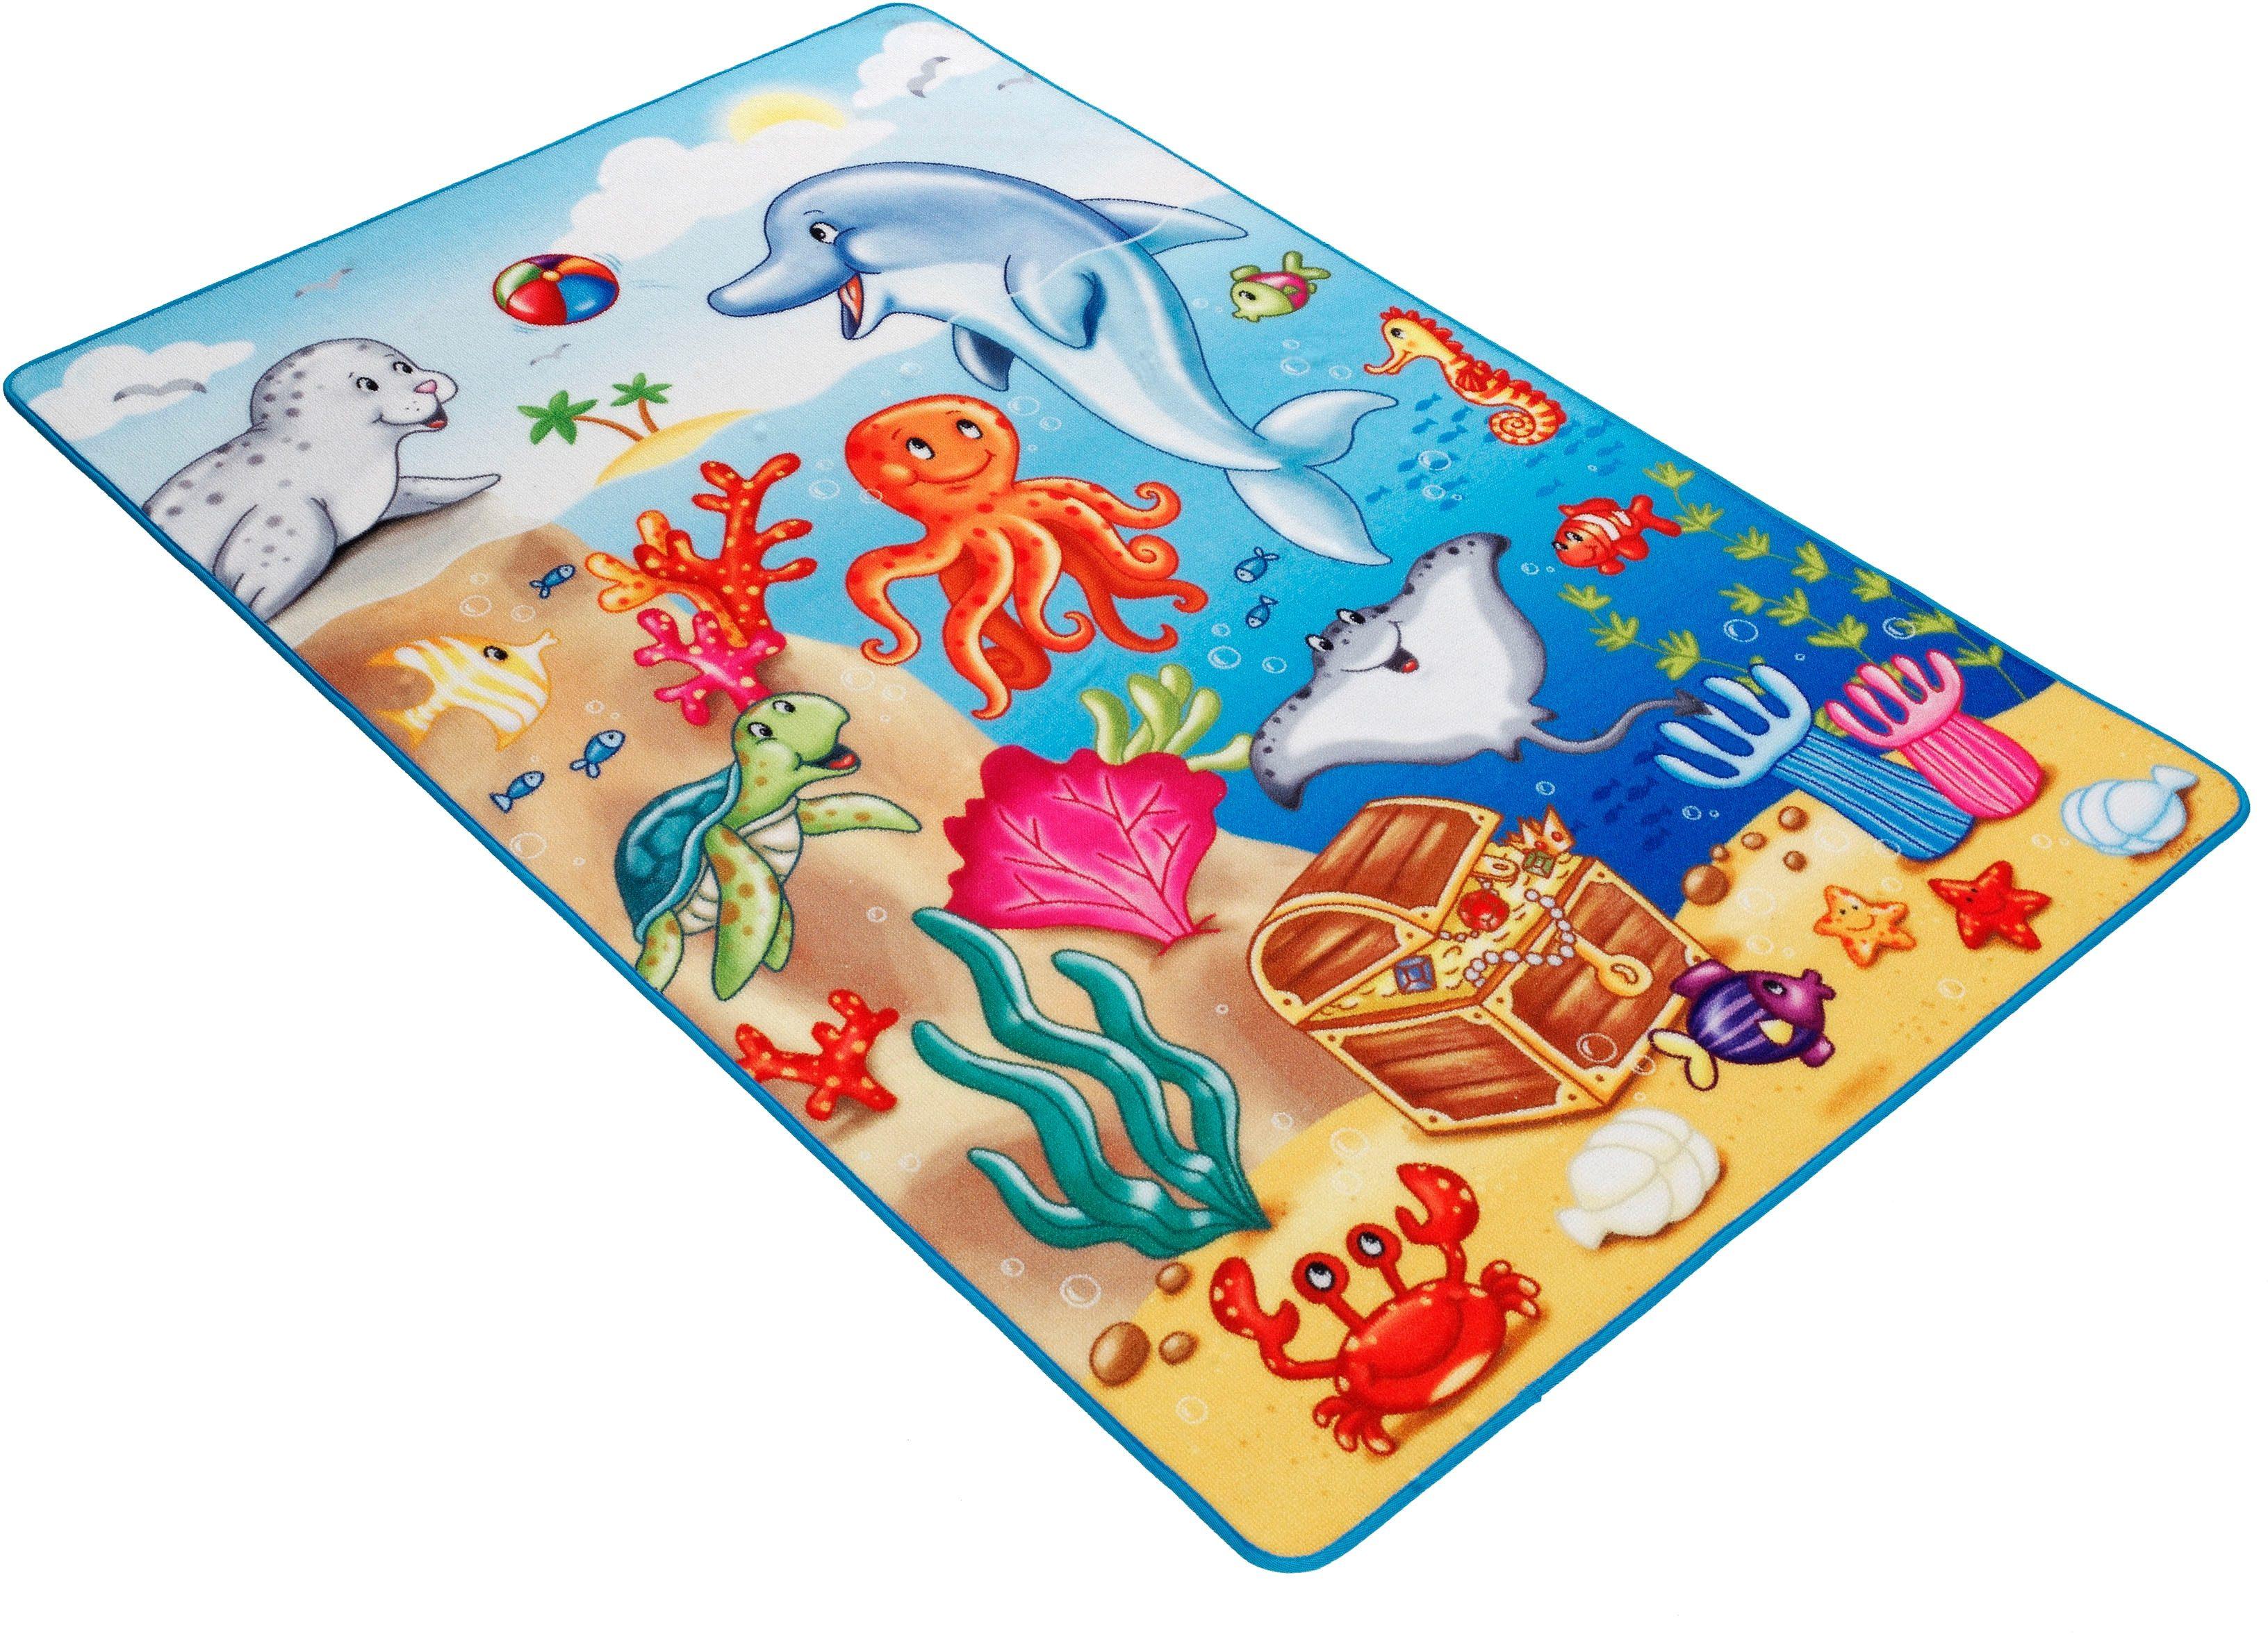 Fußmatte, Böing Carpet, »Lovely Kids LK-7«, rutschhemmend beschichtet